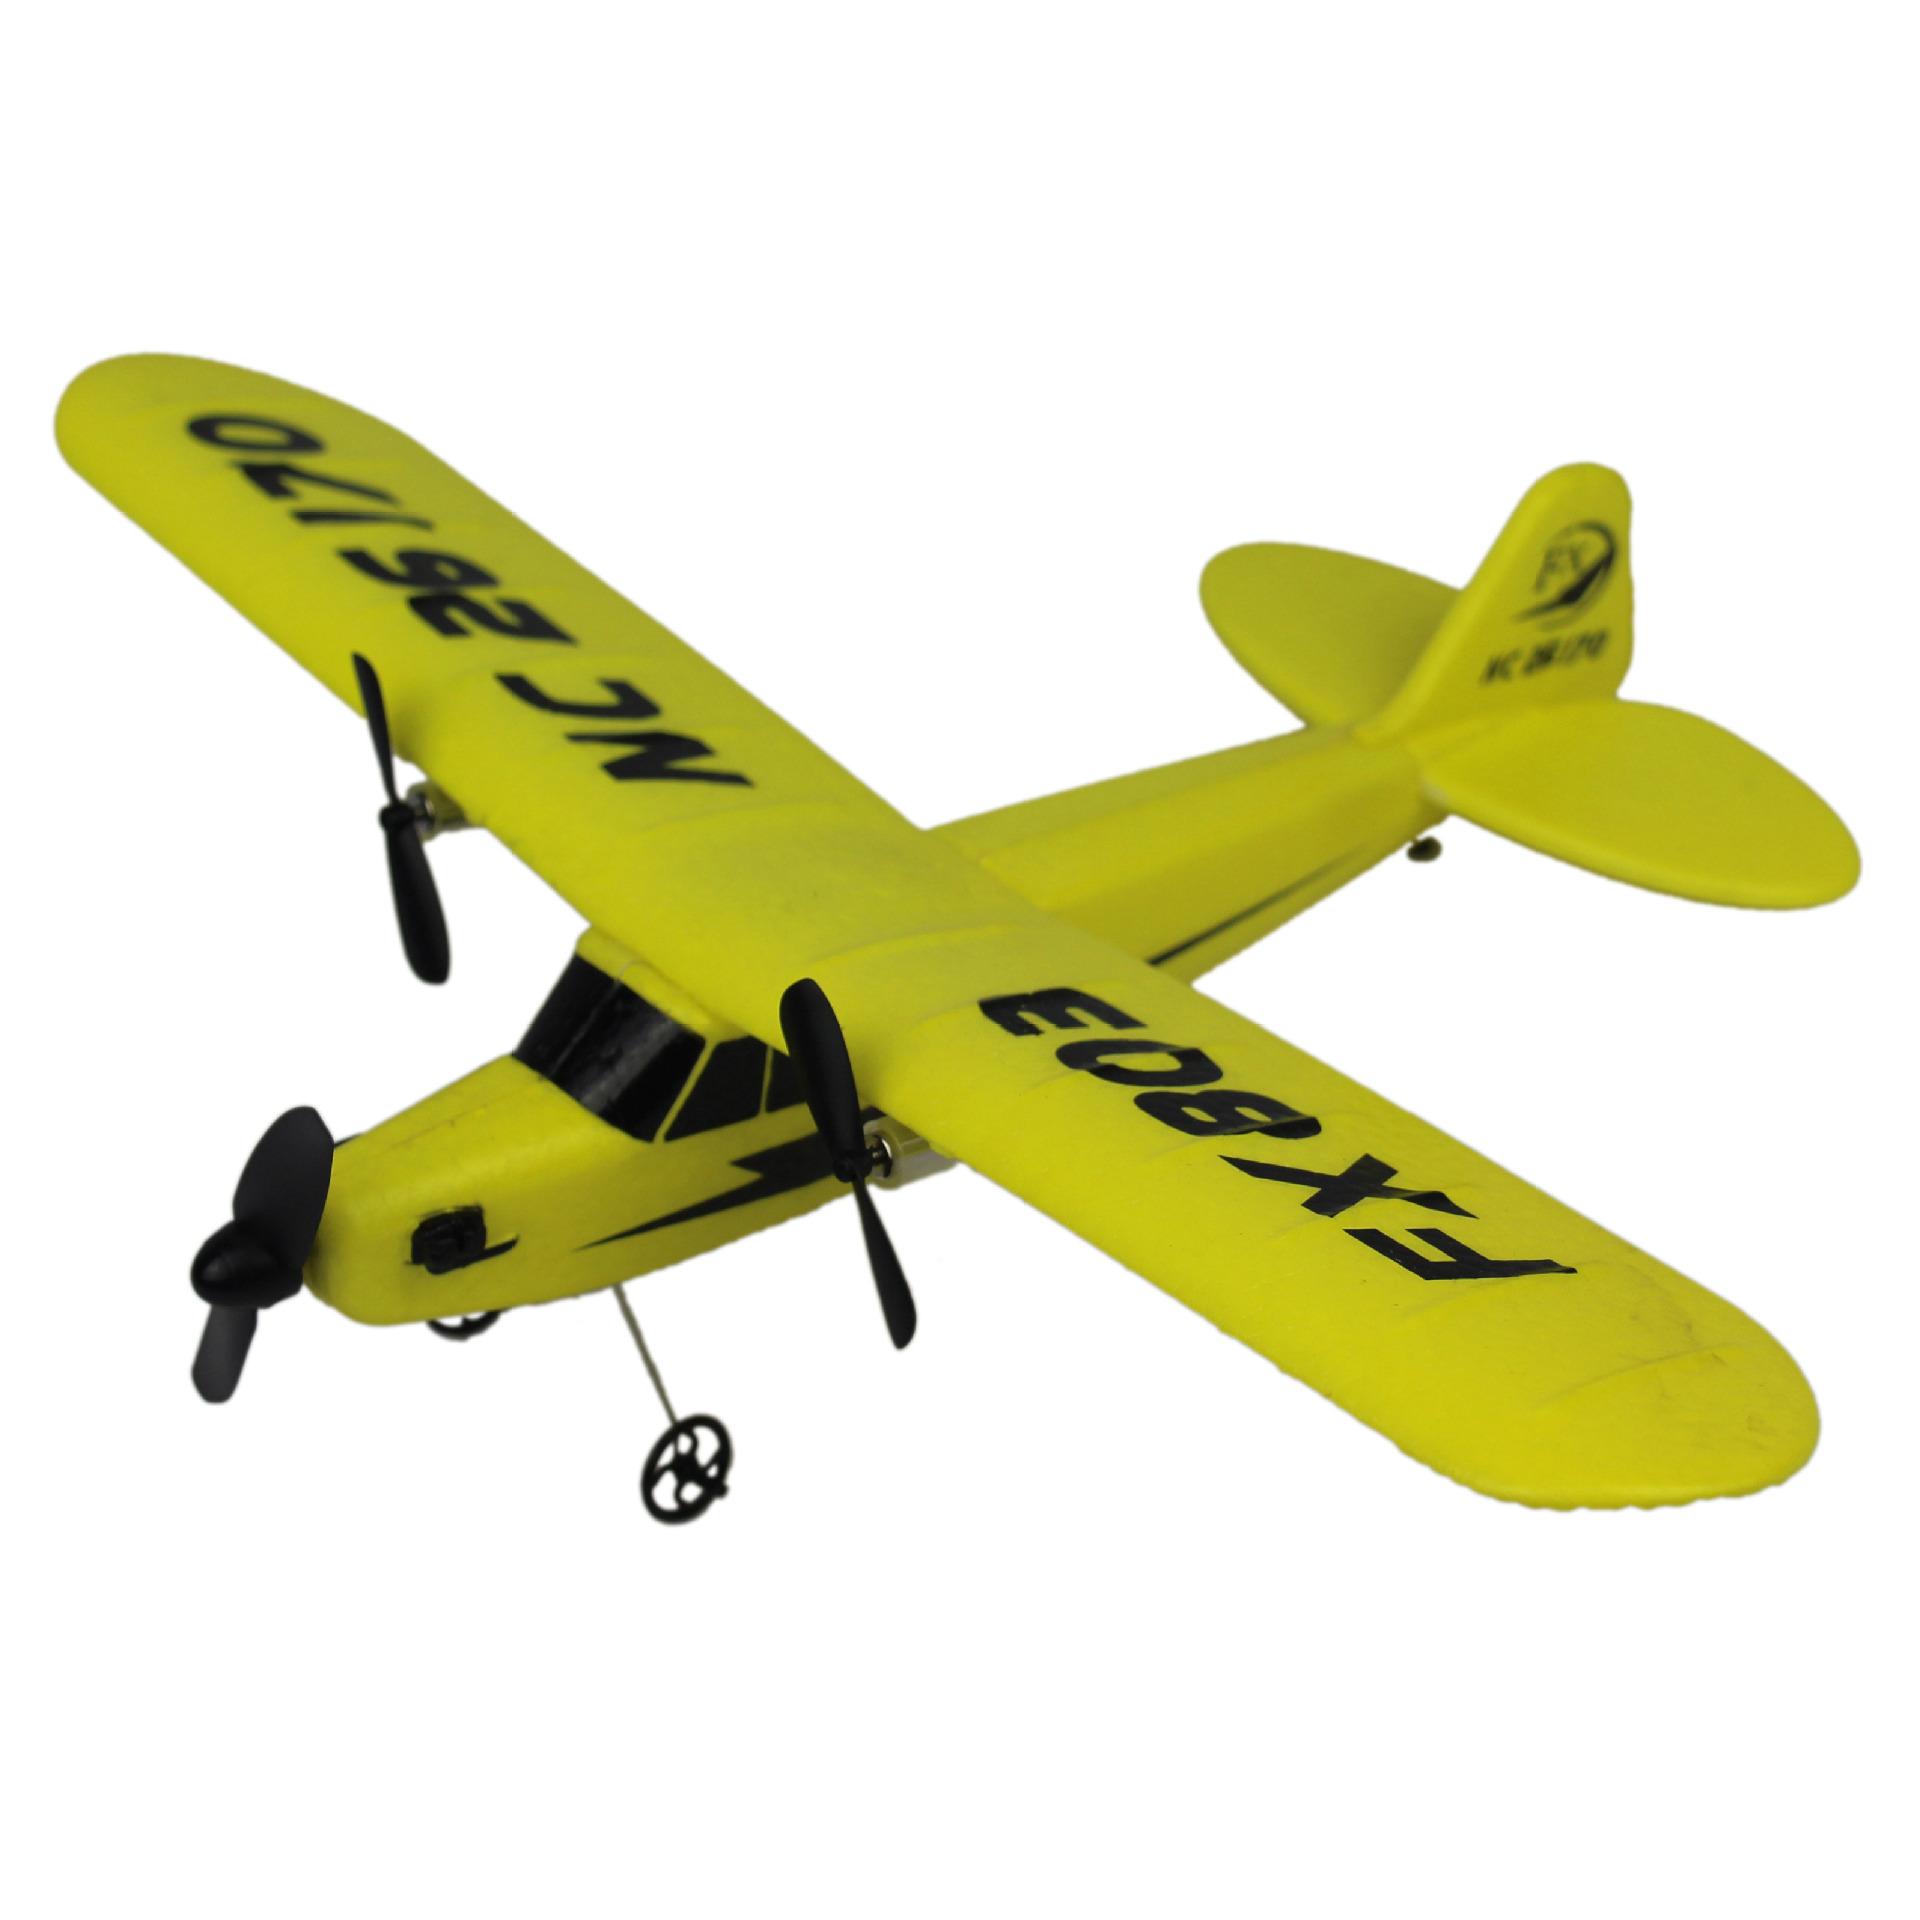 JDRC Máy bay điều khiển từ xa Máy bay điều khiển từ xa 2.4G hai chiều Máy bay bọt xốp FX804 EPP cánh